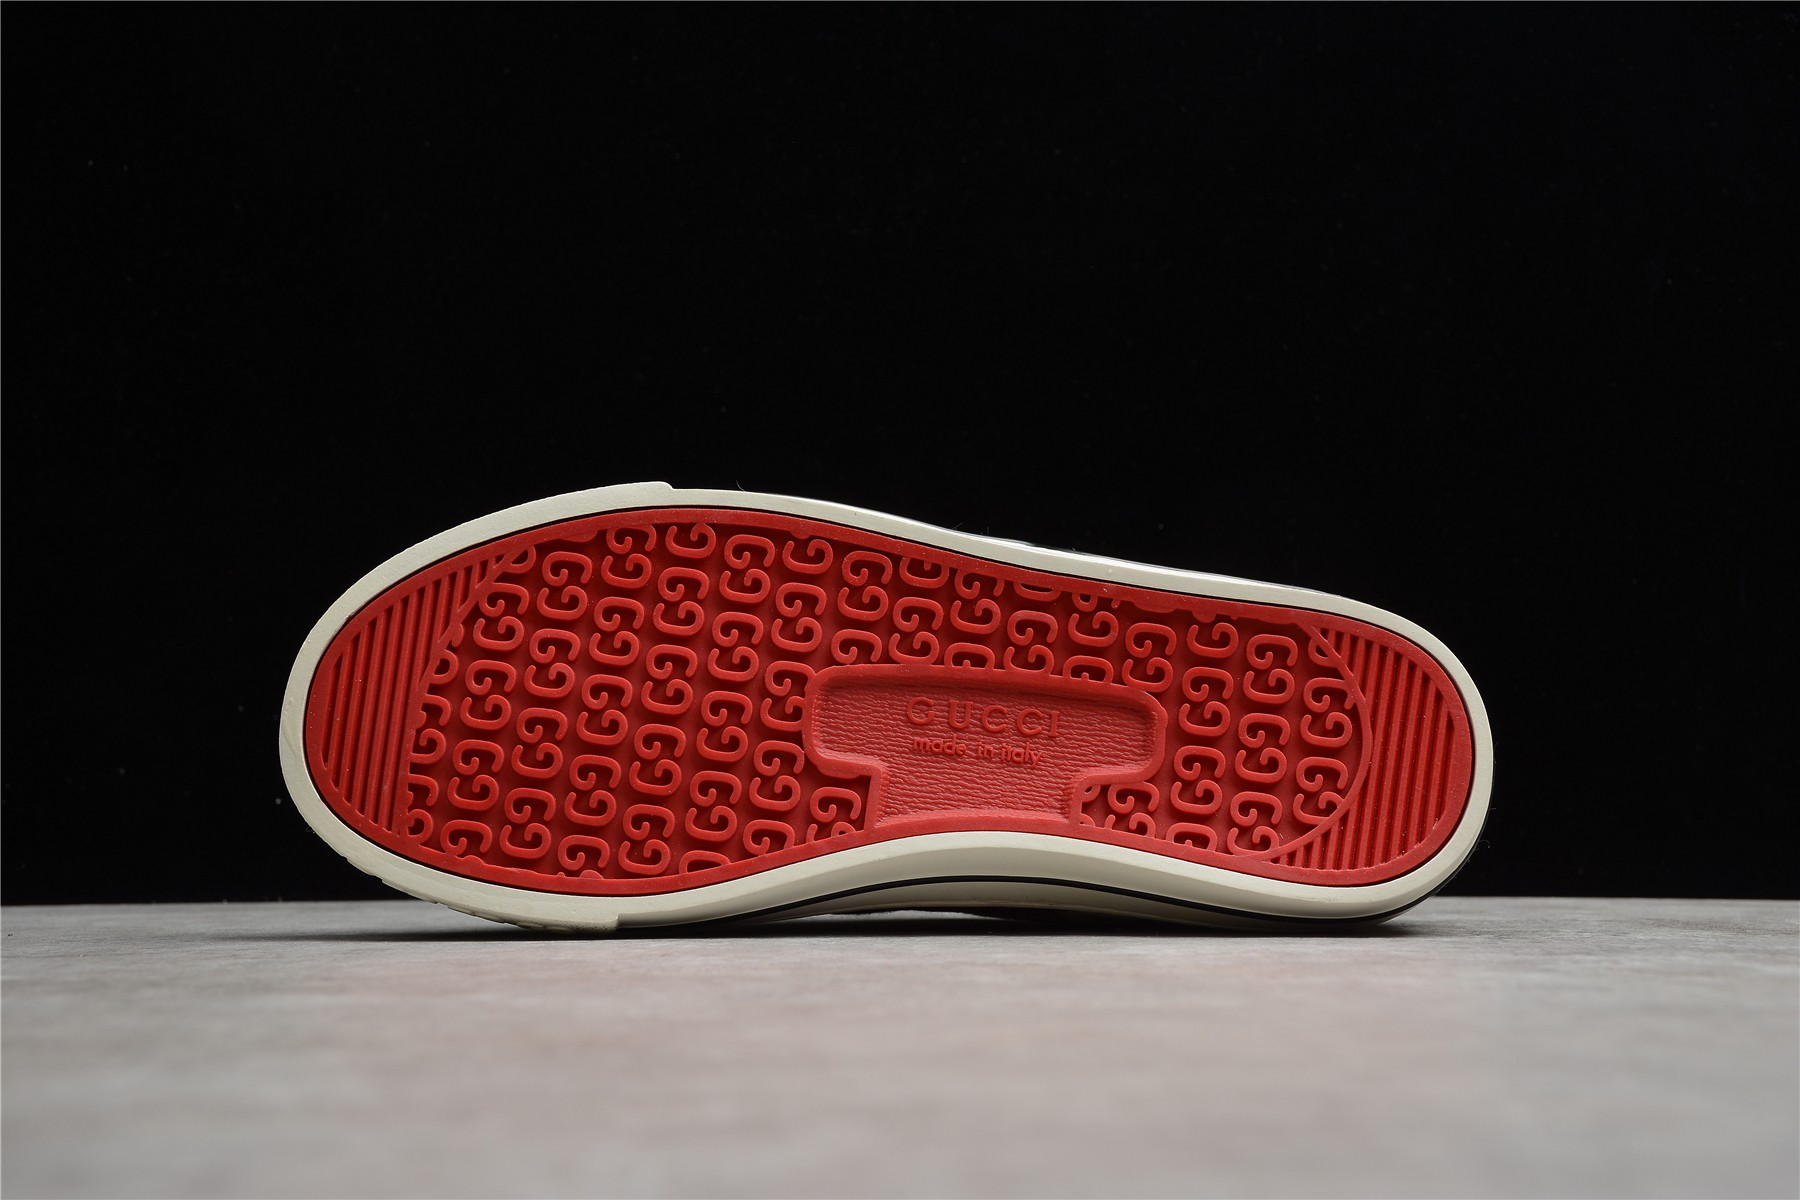 古驰乌木色板鞋莞产纯原 Gucci Tennis 1977系列 古驰经典板鞋 古驰奢侈板鞋 货号:606111-H0T10-988H-潮流者之家